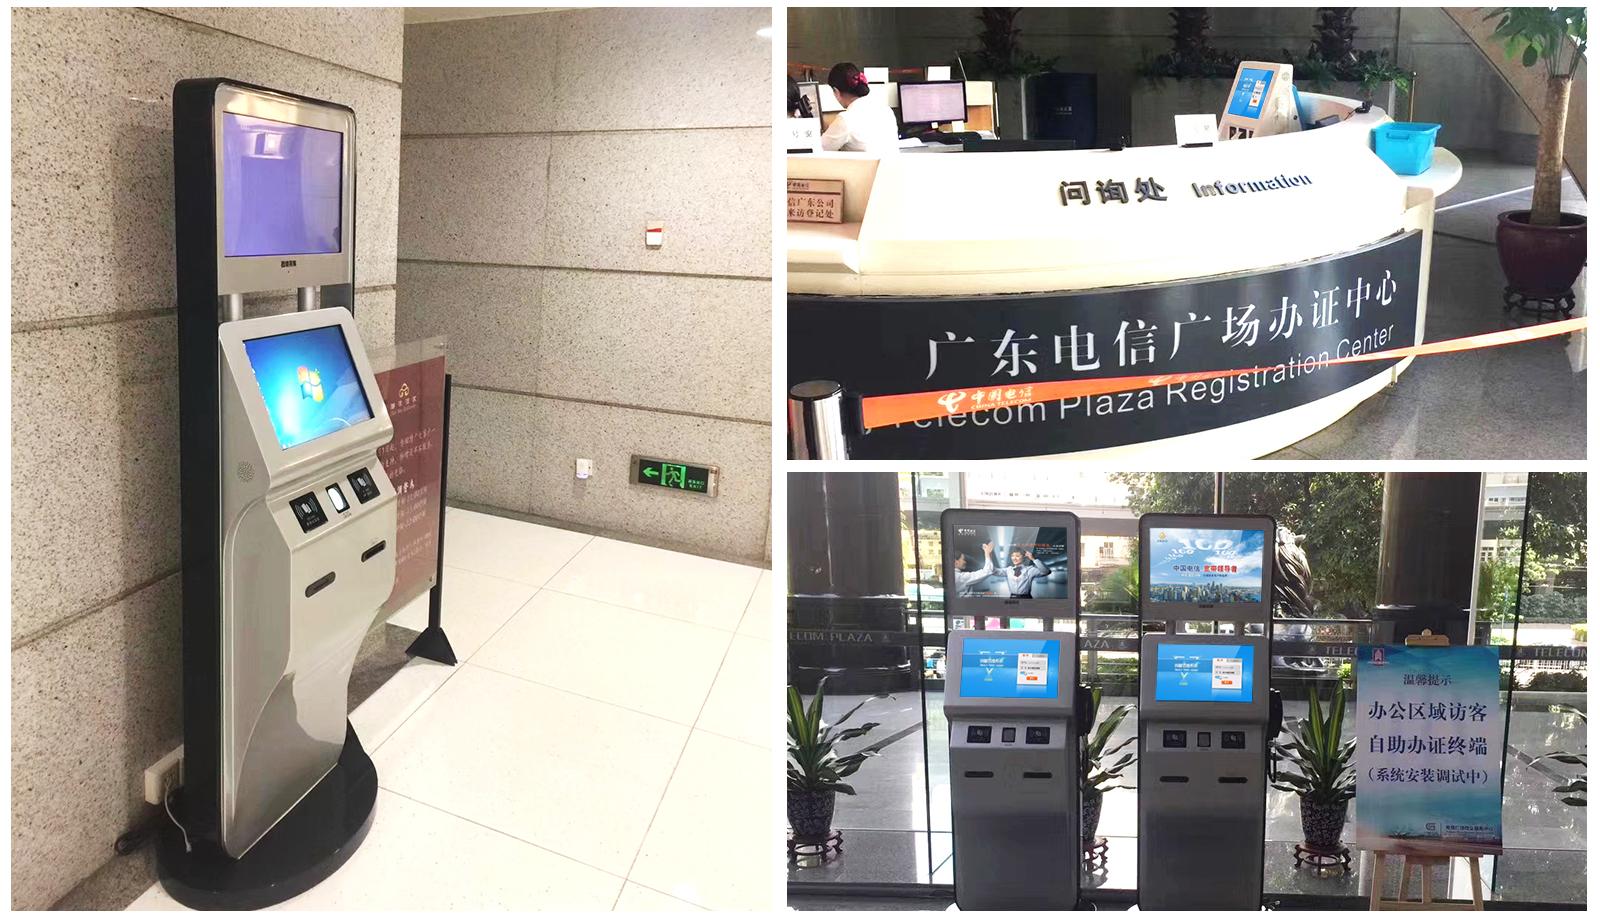 智能访客管理系统在广东电信亮相